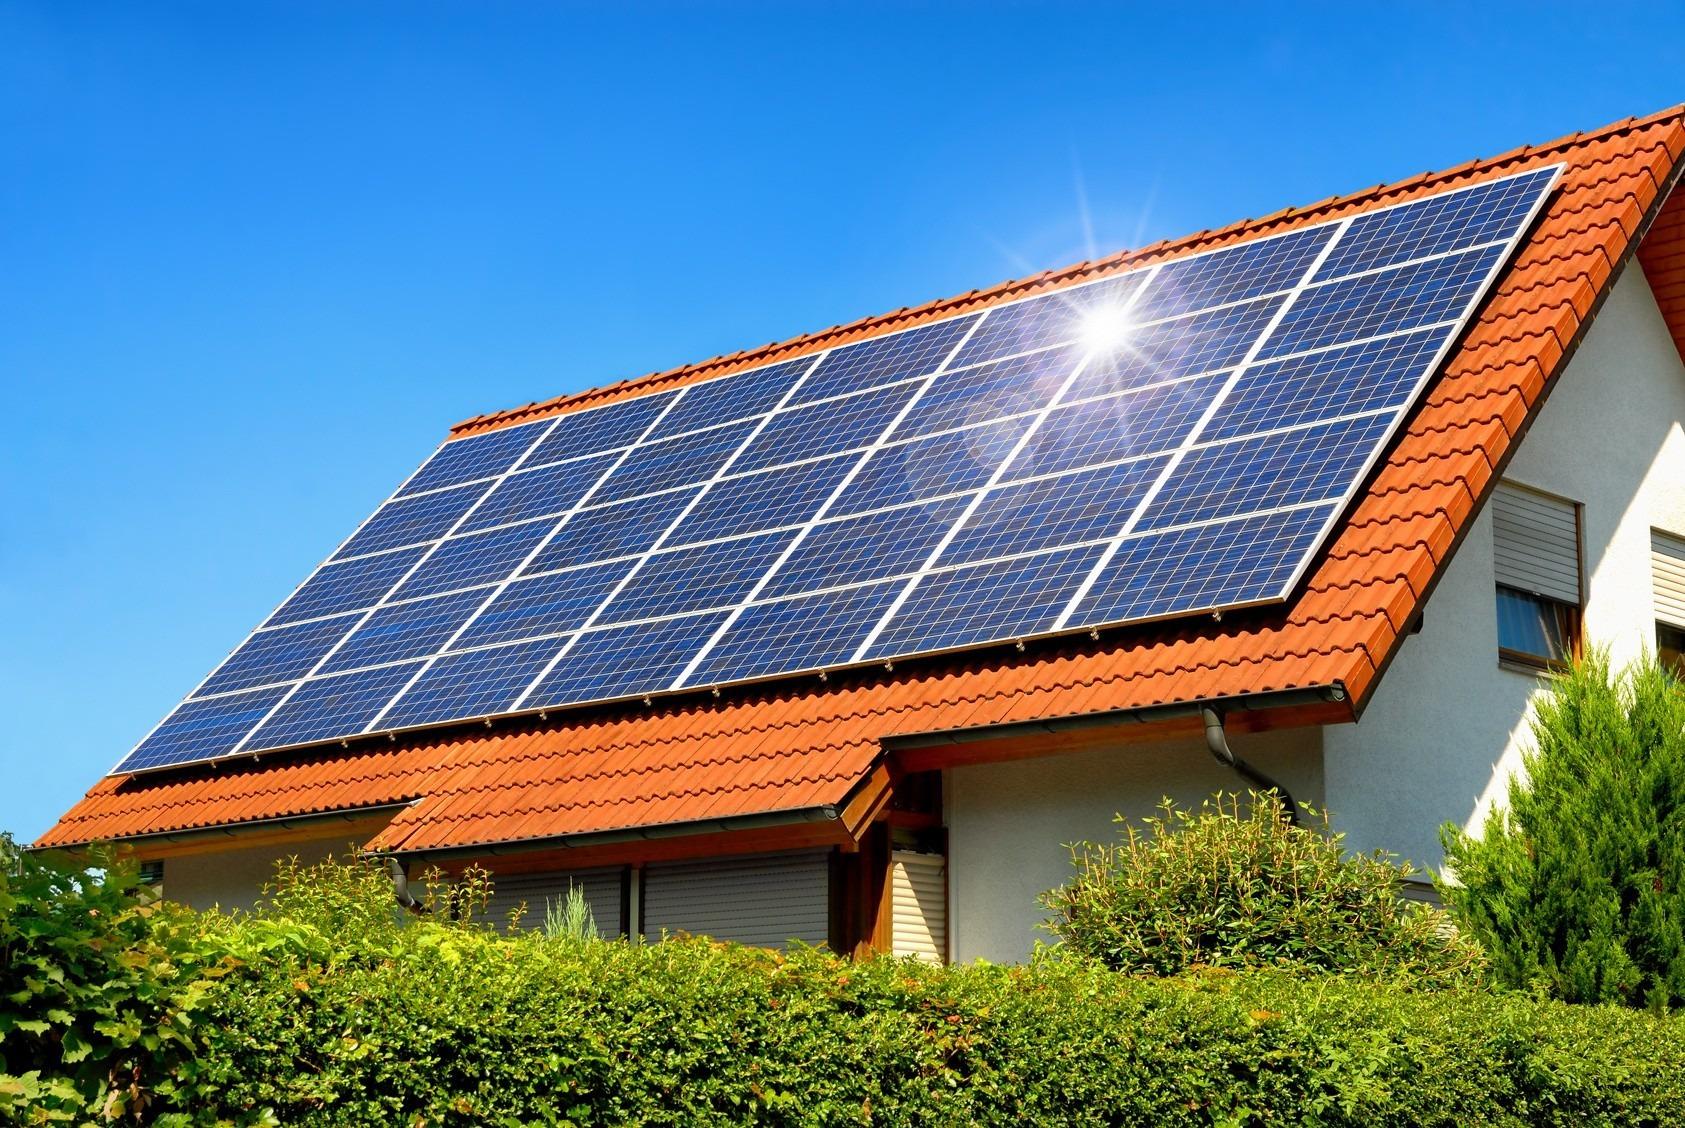 Impianto fotovoltaico a isola: come funziona e perché conviene - Efficasa